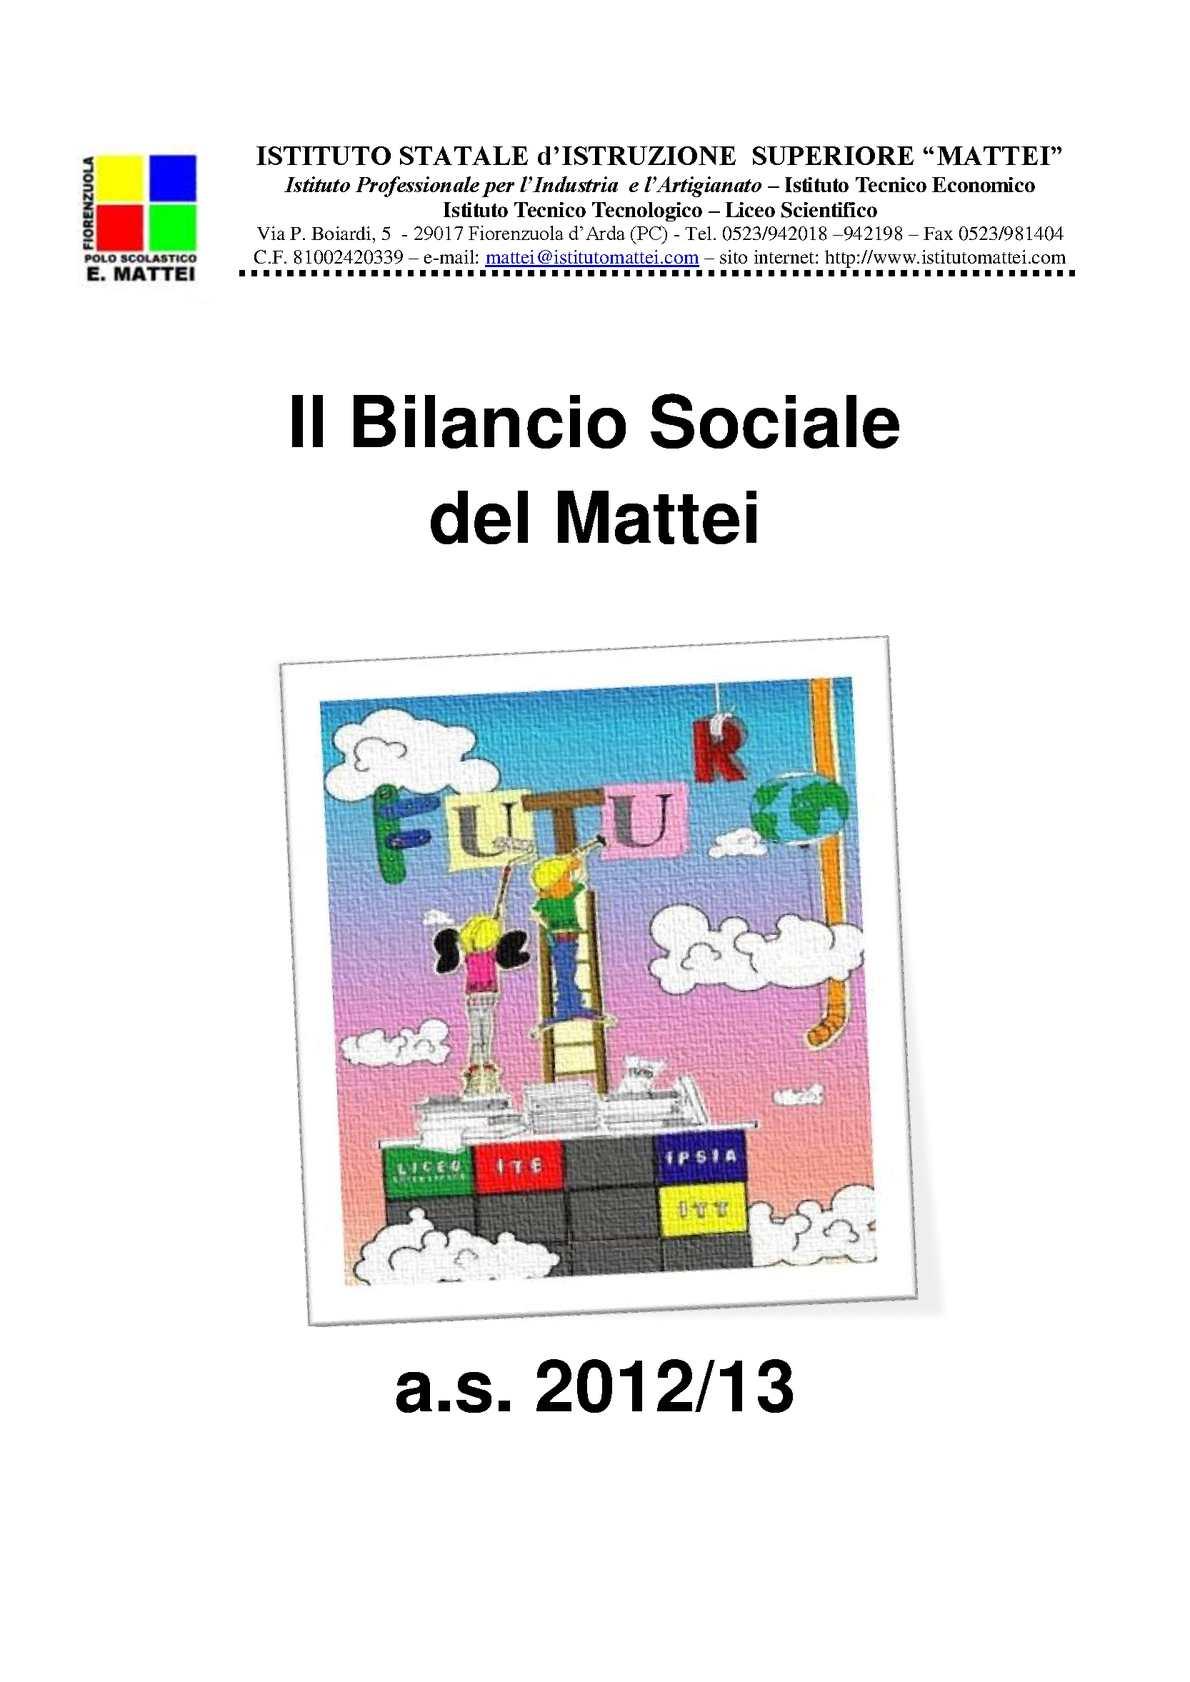 Bilancio Sociale dell ' Istituto Mattei di Fiorenzuola d' Arda (Pc) - Italia